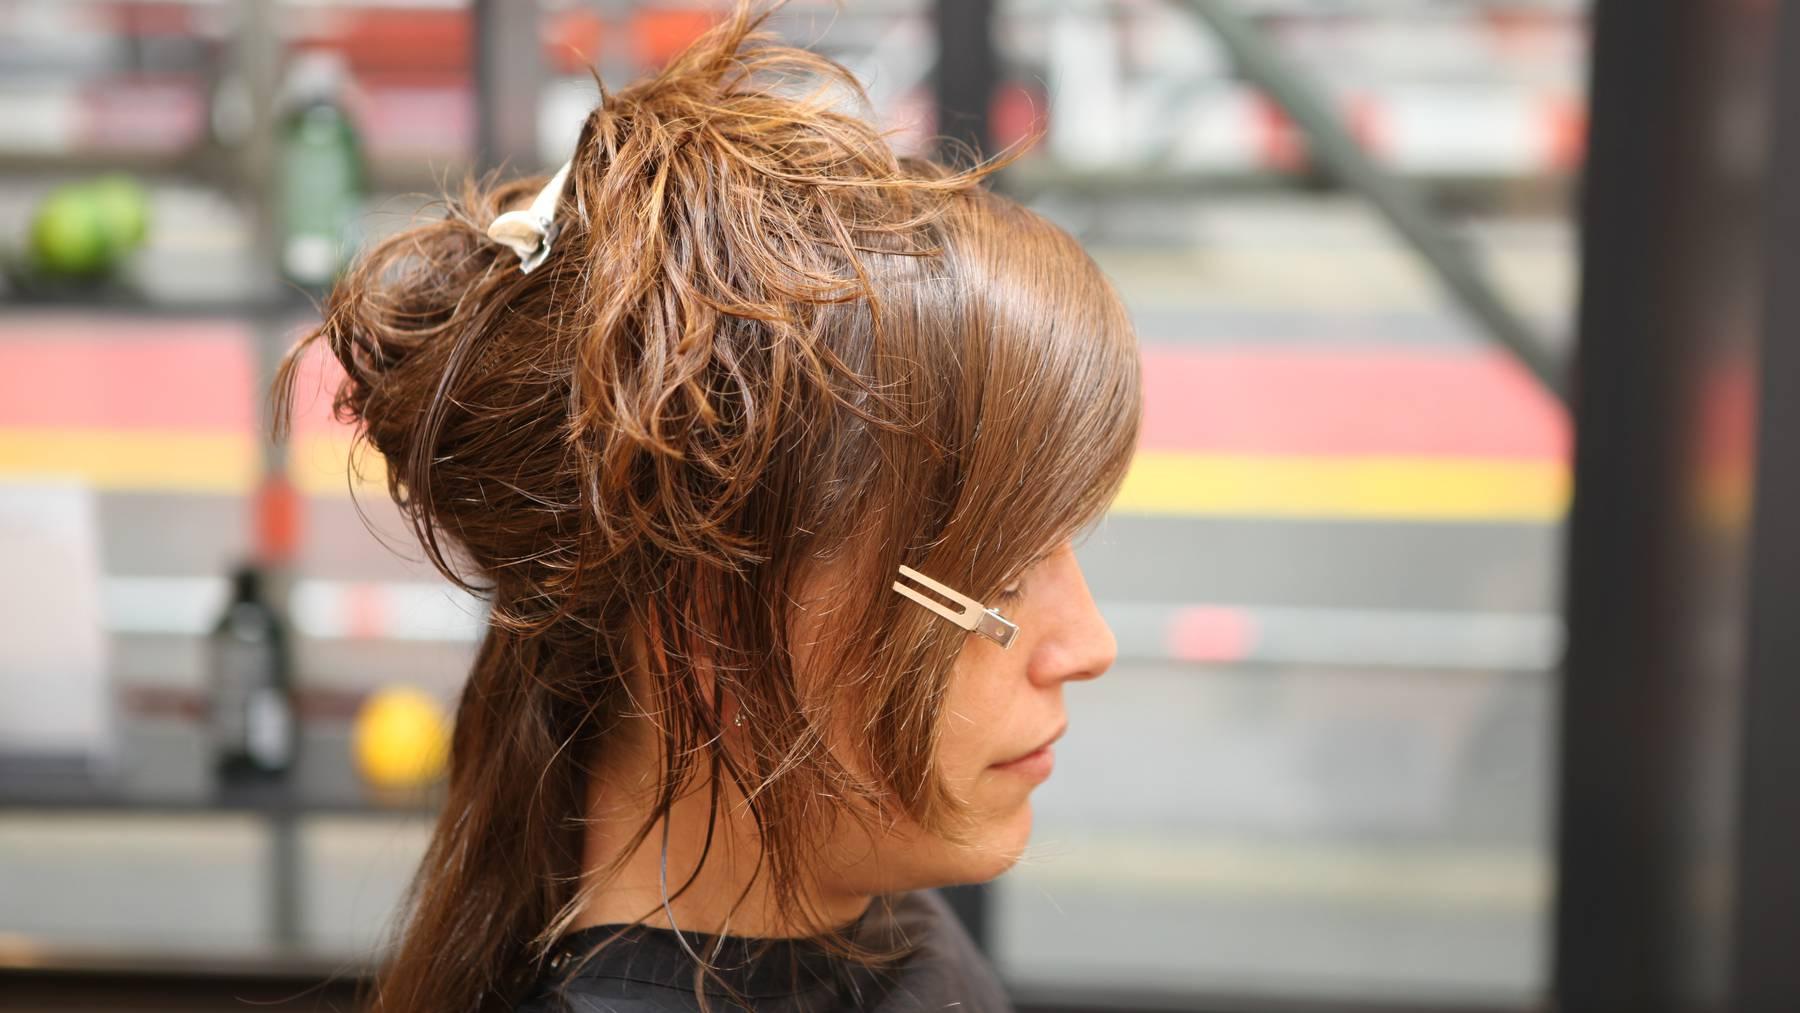 Die Zeit der hässlichen Frisuren - PilatusToday